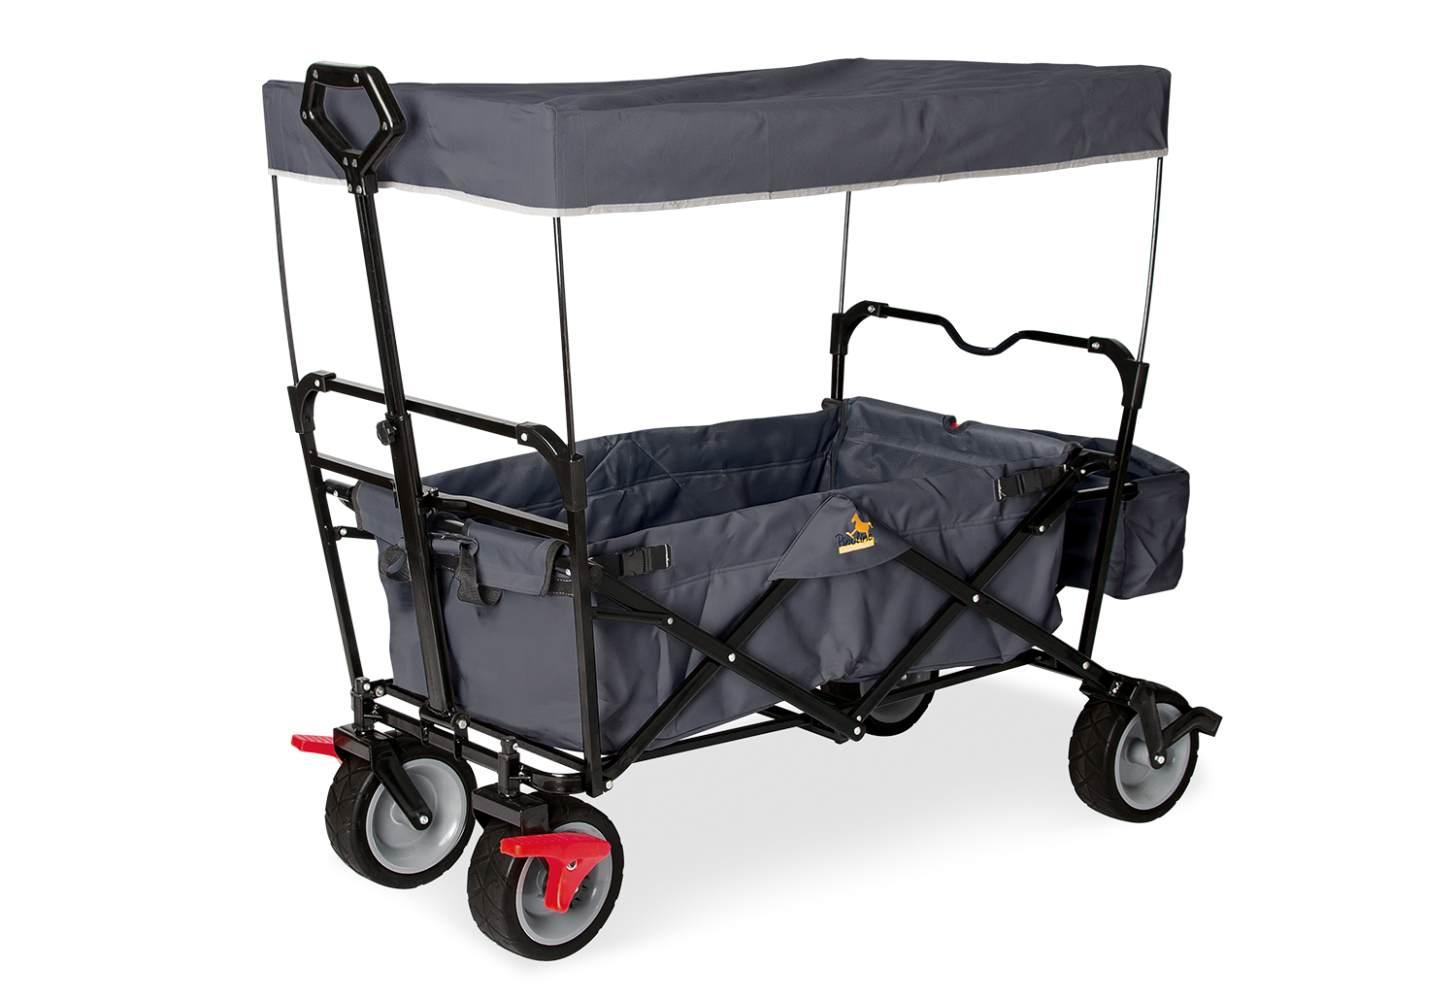 Pinolino 'Paxi dlx Comfort' Klappbollerwagen in Anthrazit, inkl. Feststellbremse, Sonnendach, Hecktasche Bild 1